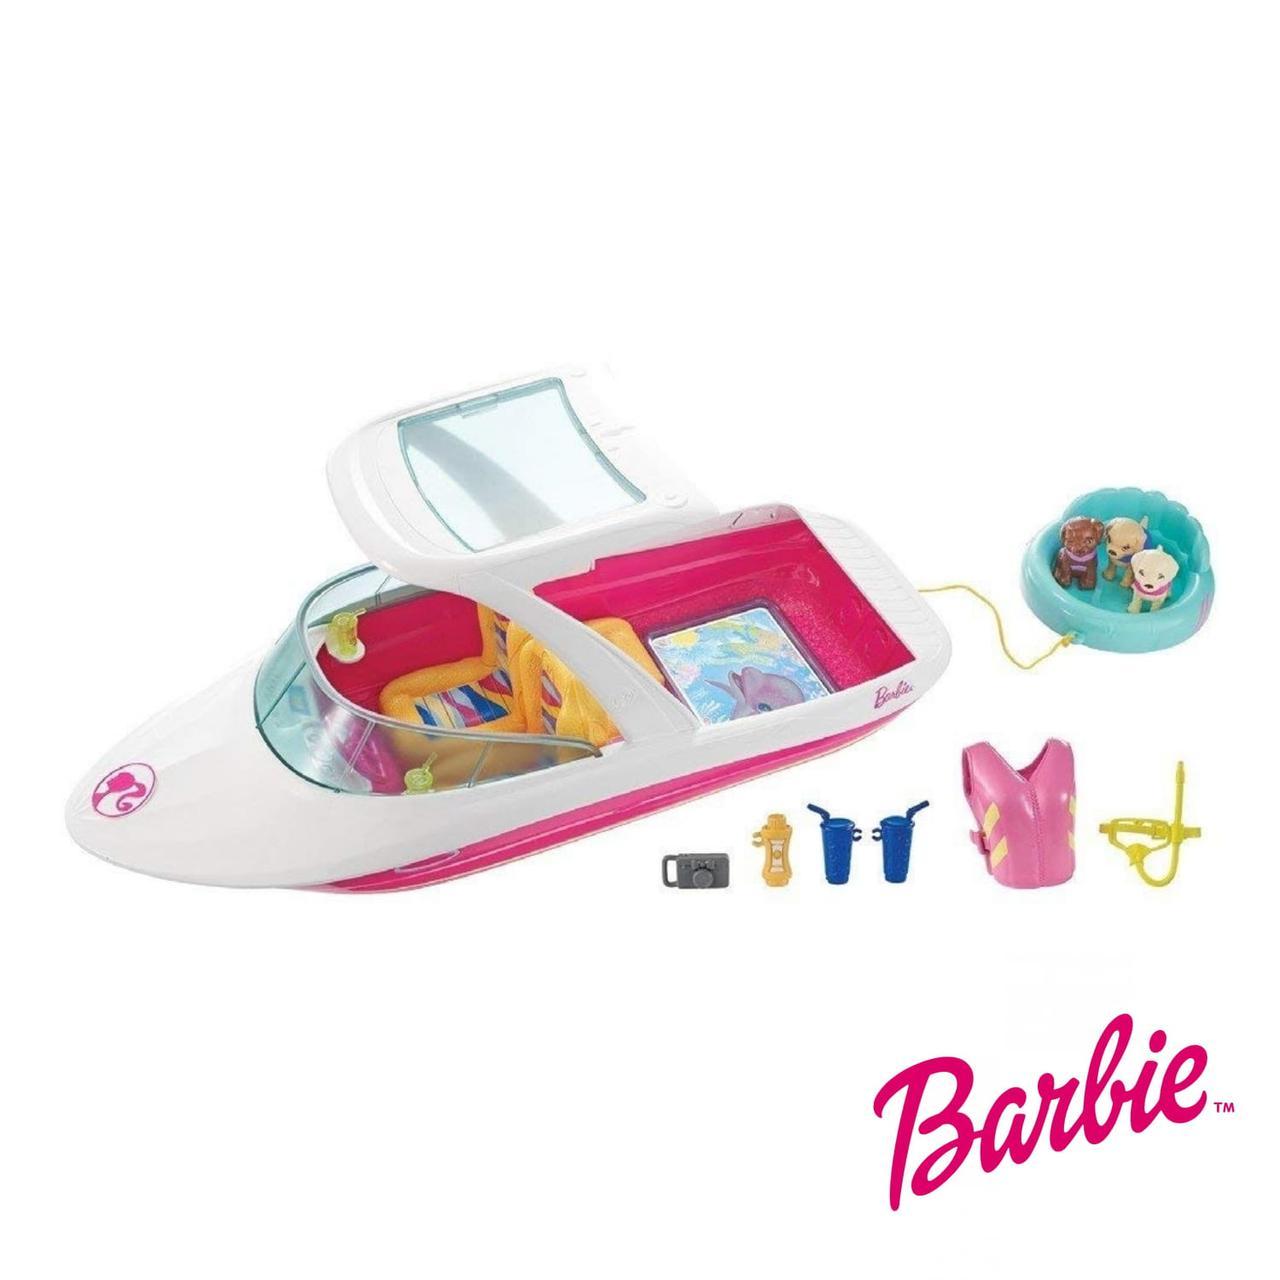 Катер для Барби Магия дельфинов Barbie Dolphin Magic Ocean View Boat